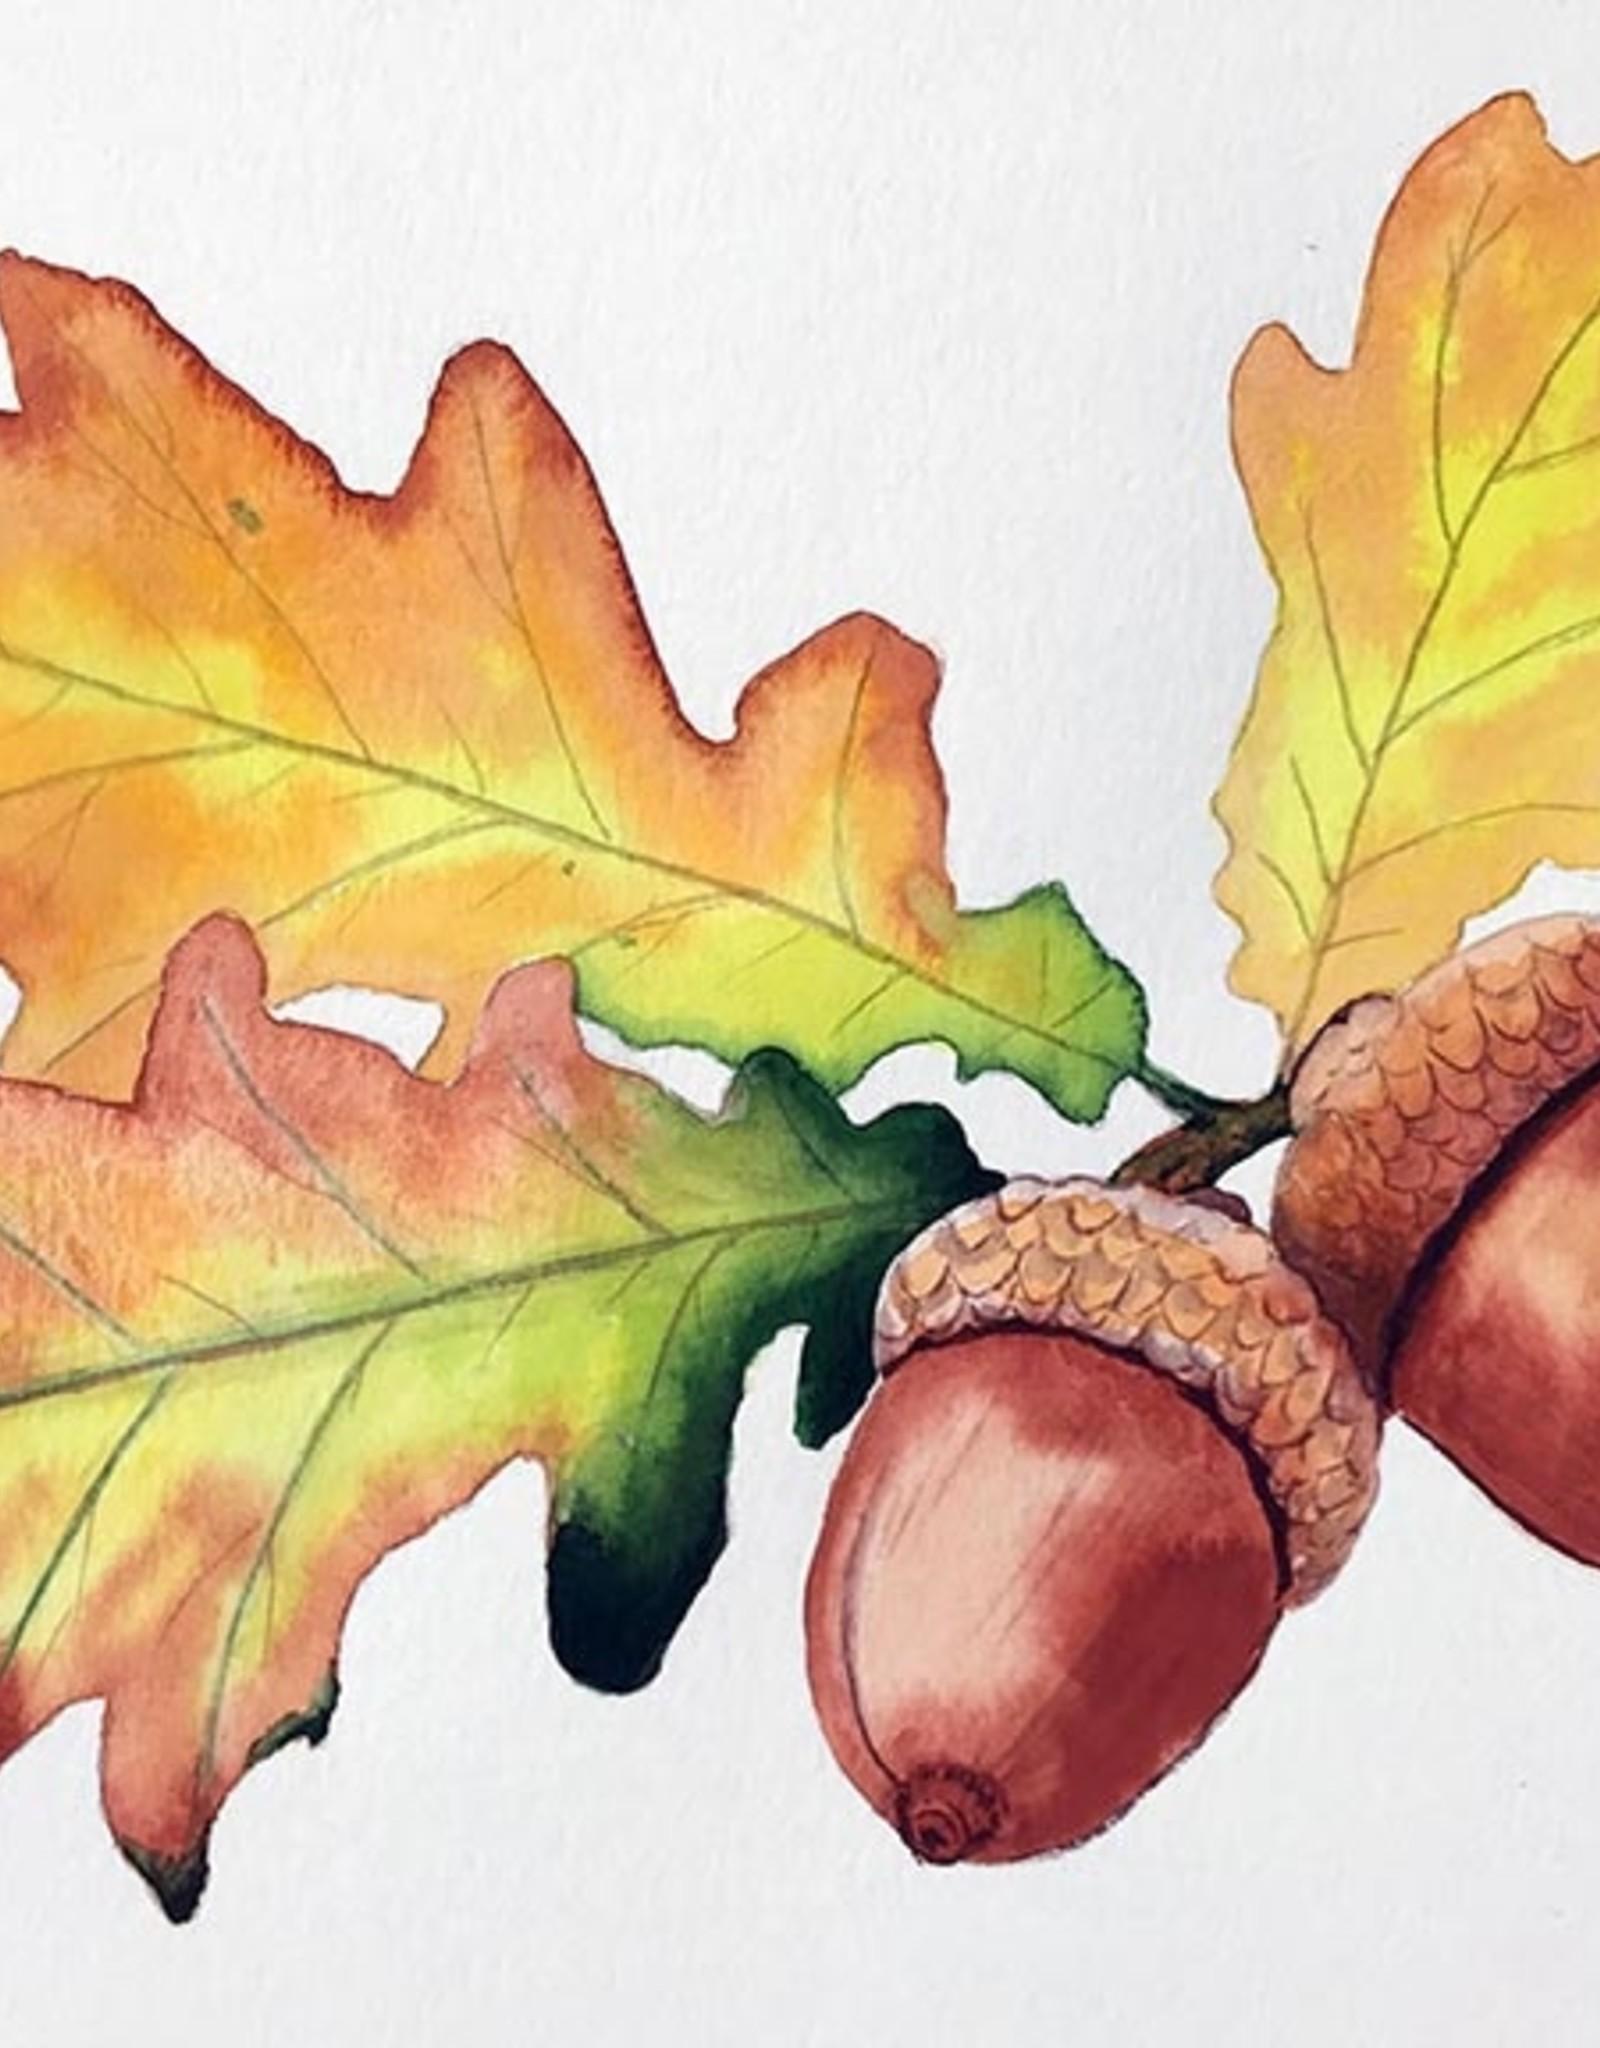 Tamara S Watercolour Art Class Acorns & Leaves Tues Sep 7 11am to 1pm